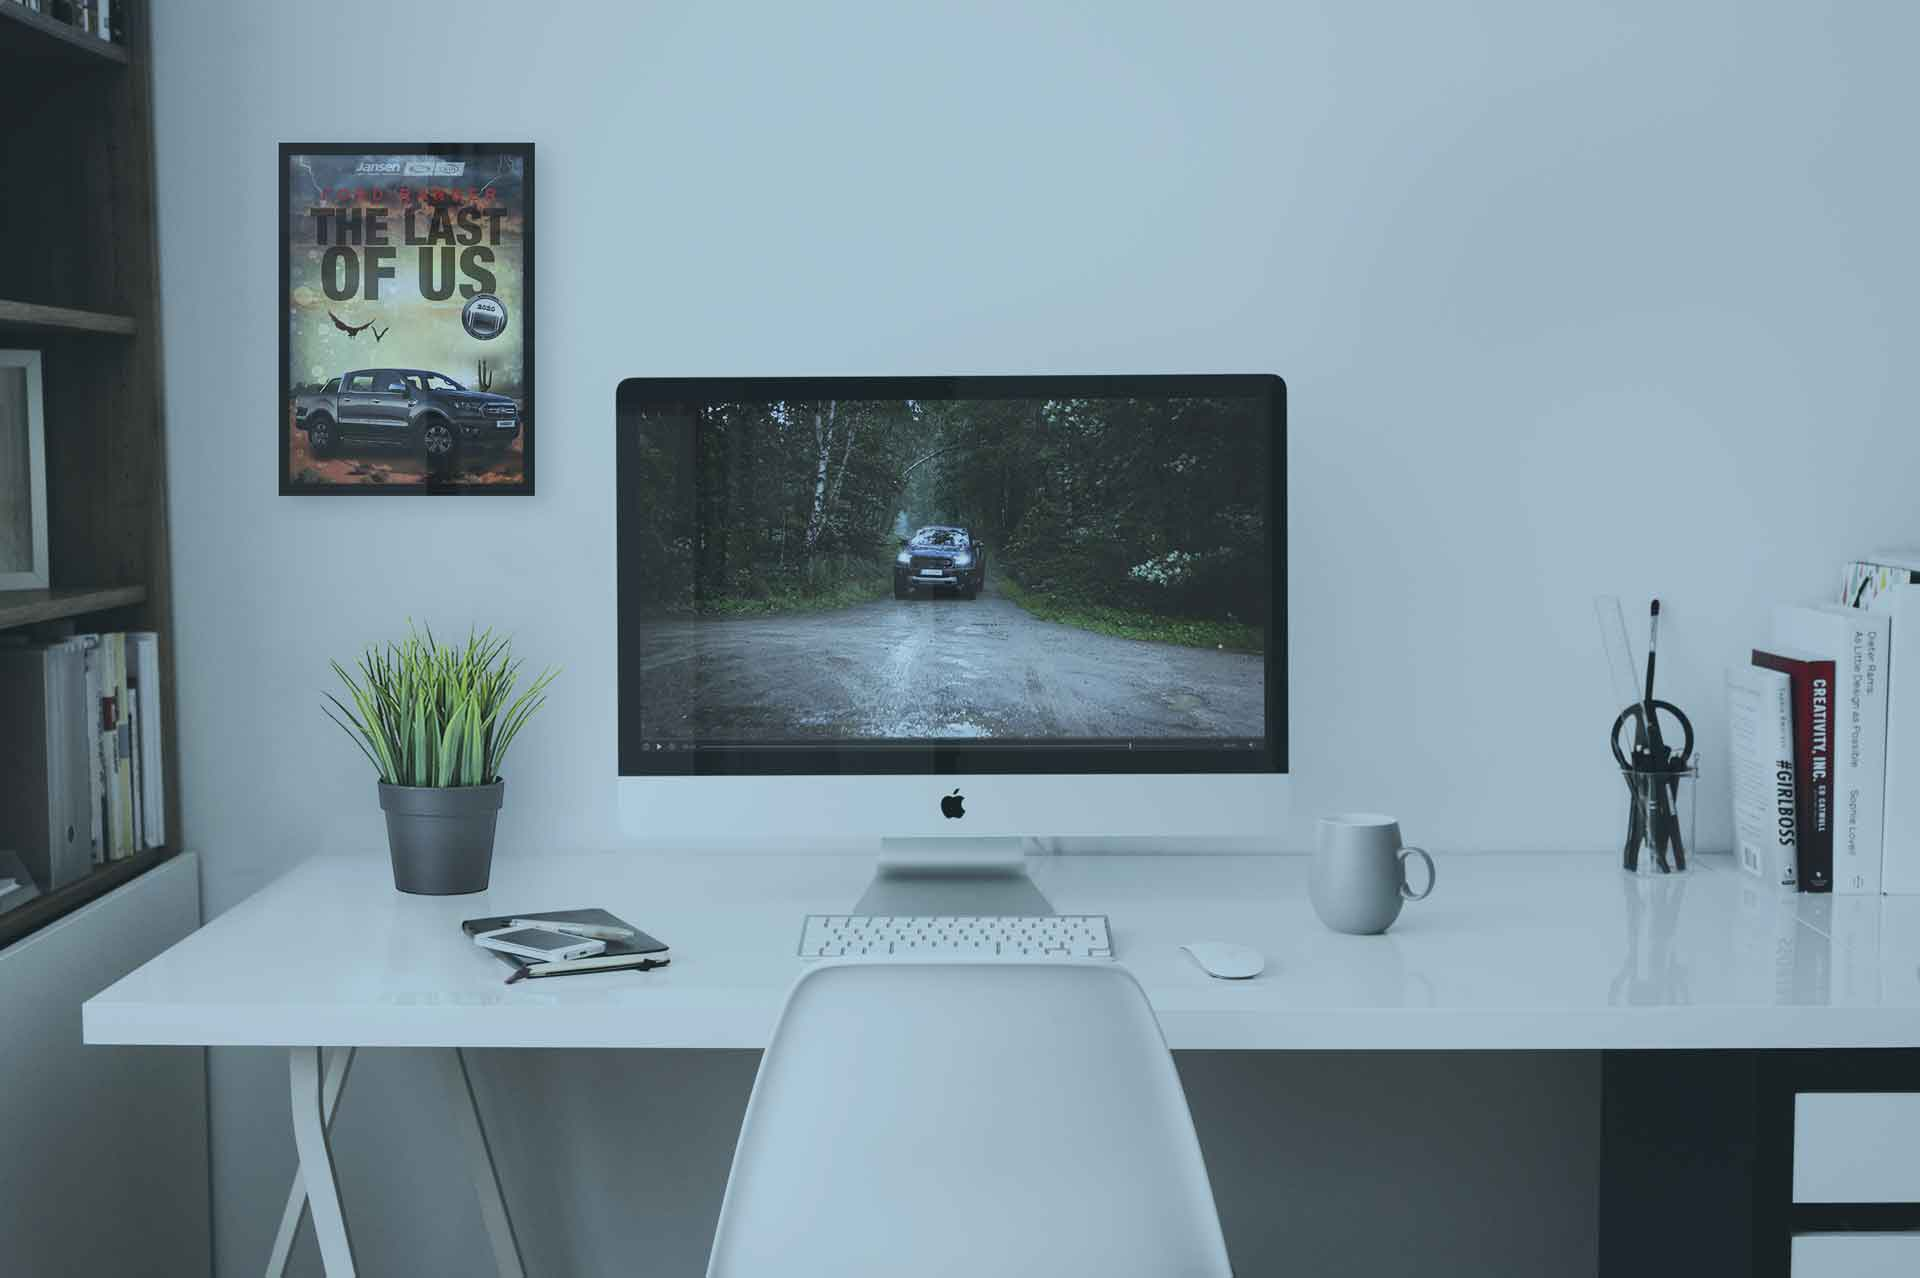 Videoclip wird auf einem PC dargestellt